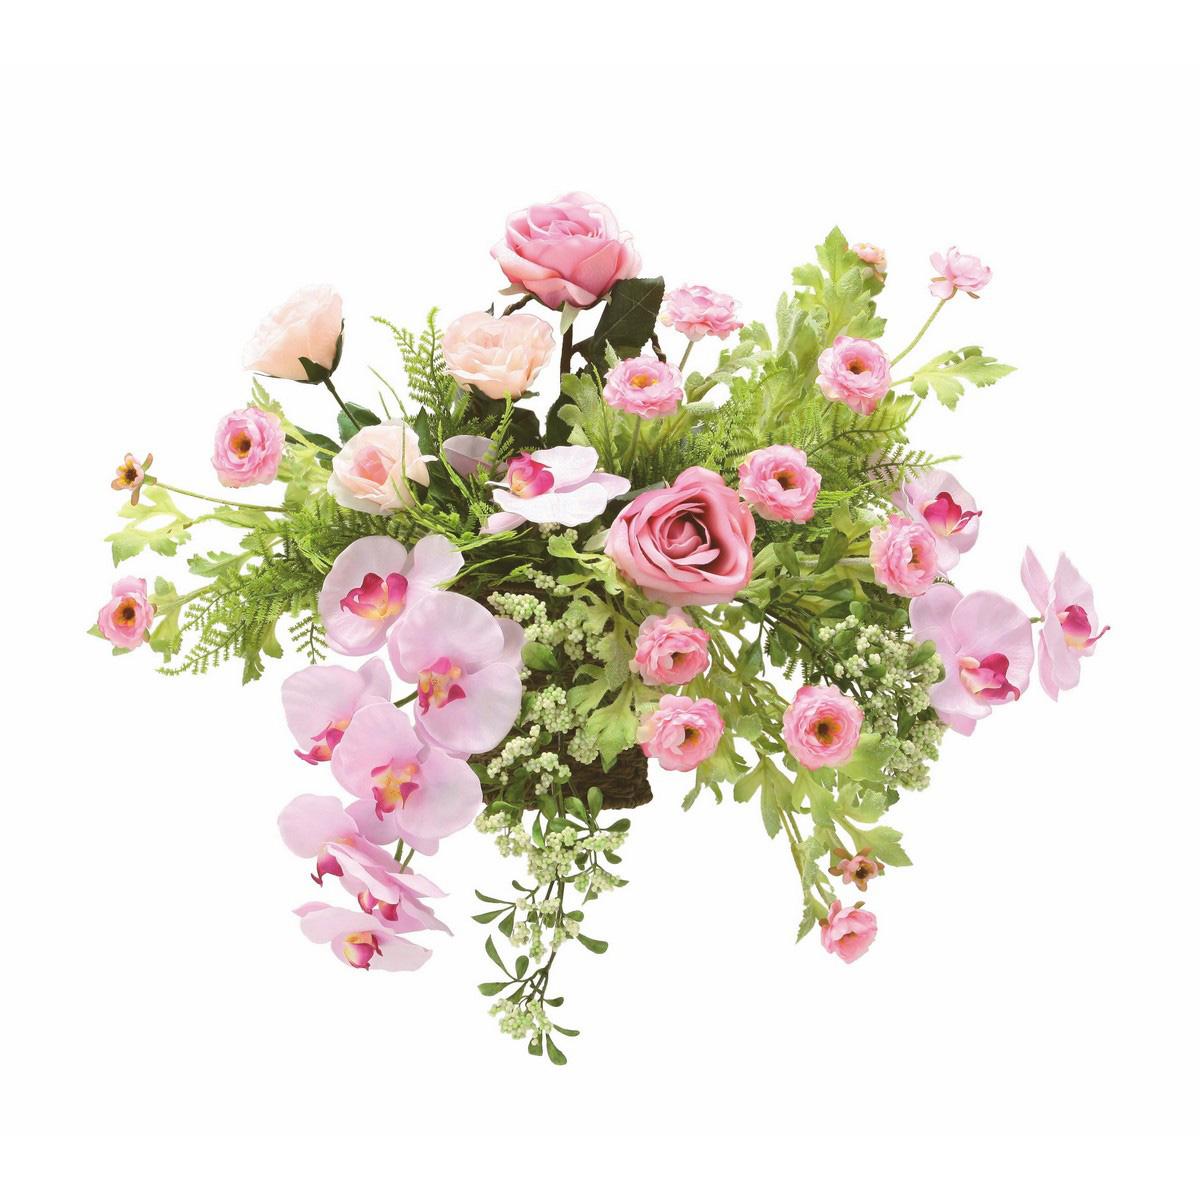 【直送】【造花】光の楽園/光触媒 クリスティピンク/751A100※返品・代引不可【07】【07】《 造花(アーティフィシャルフラワー) 造花ギフト フラワーアレンジ 》